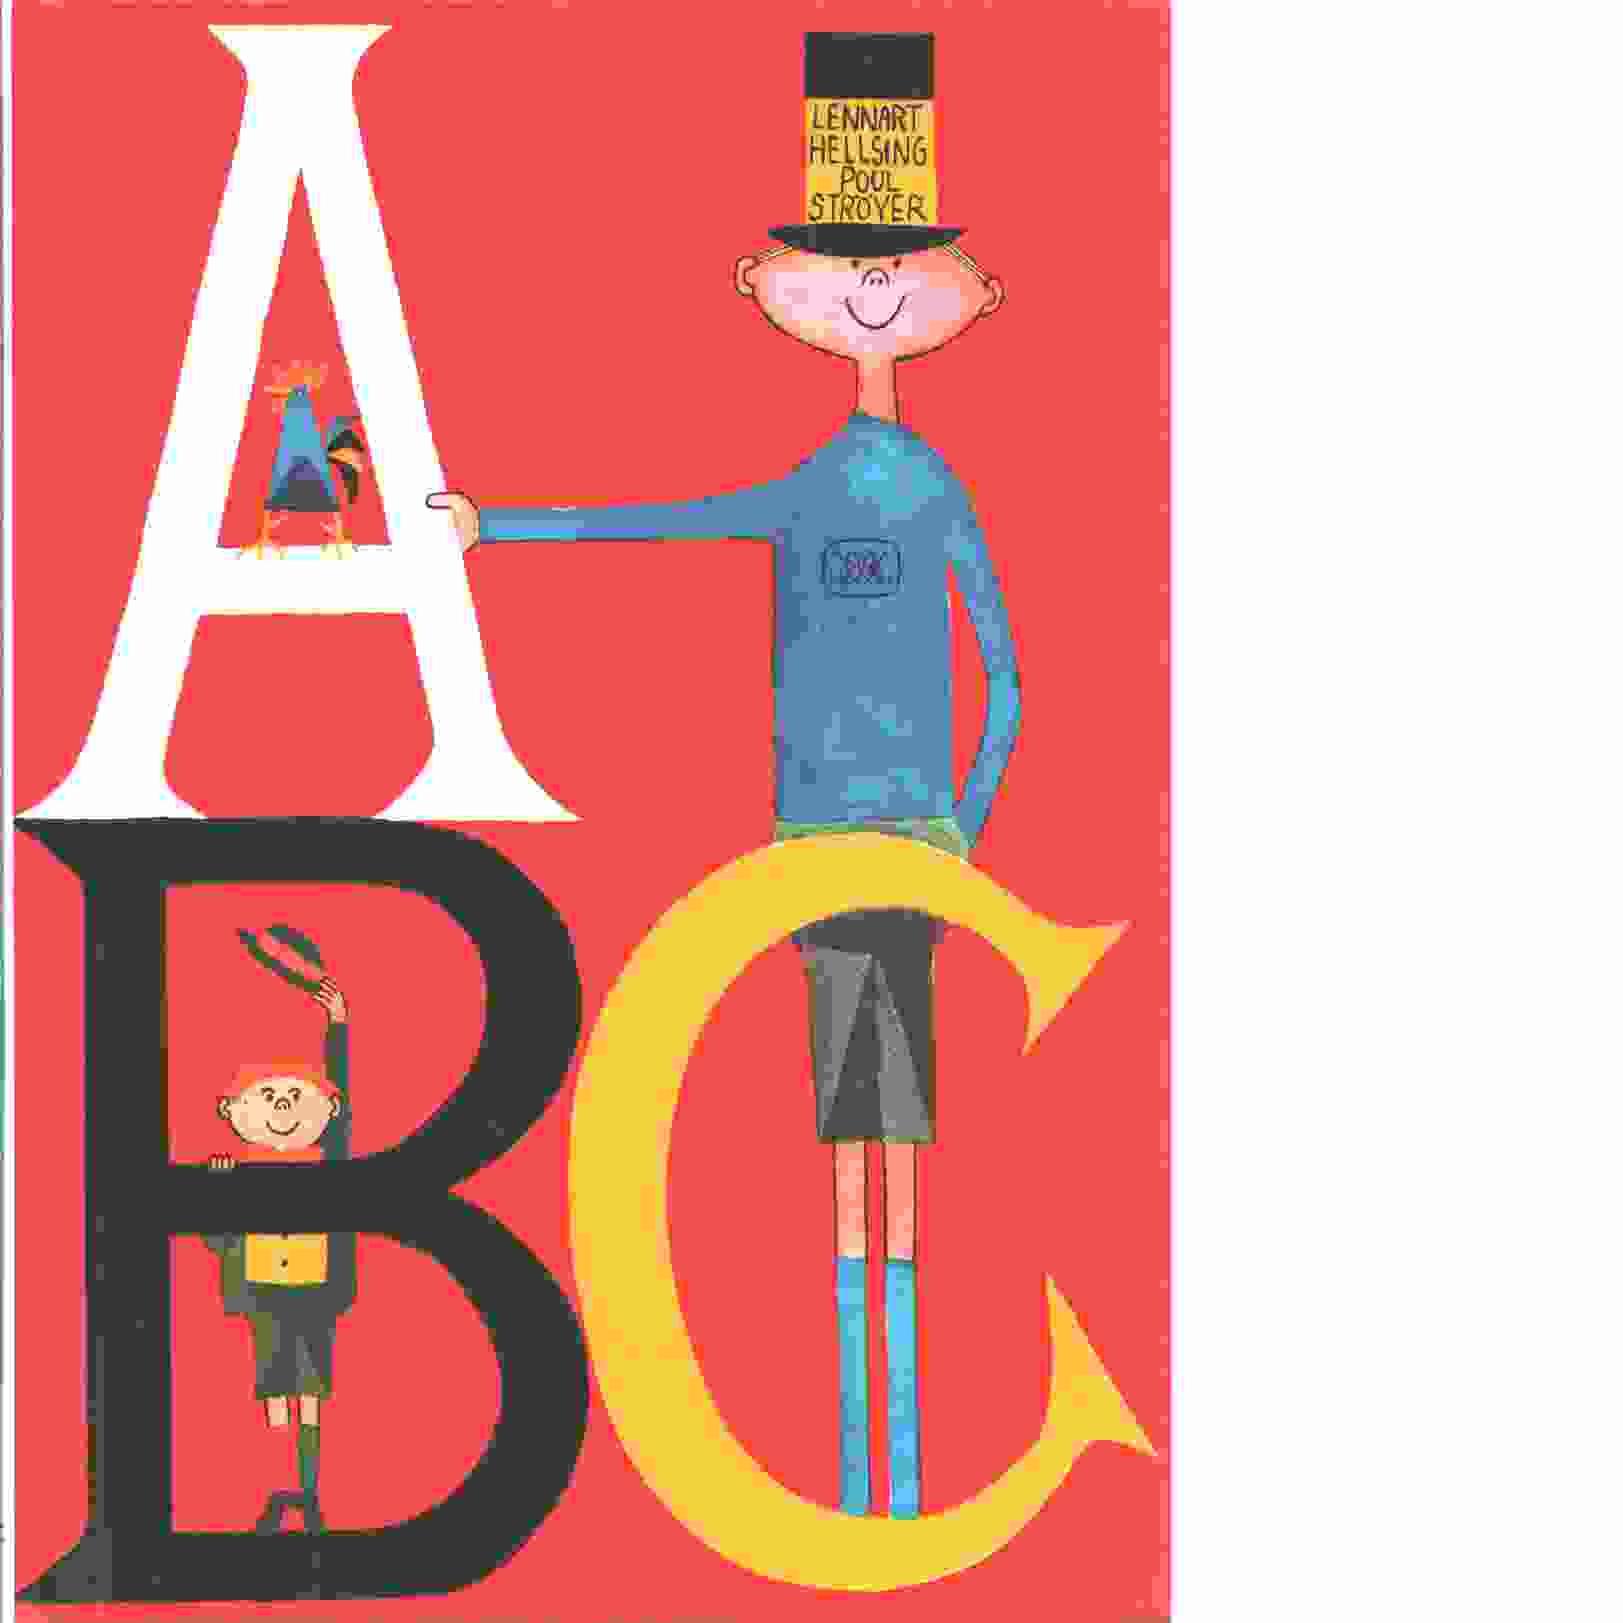 ABC - Hellsing, Lennart och Ströyer, Poul